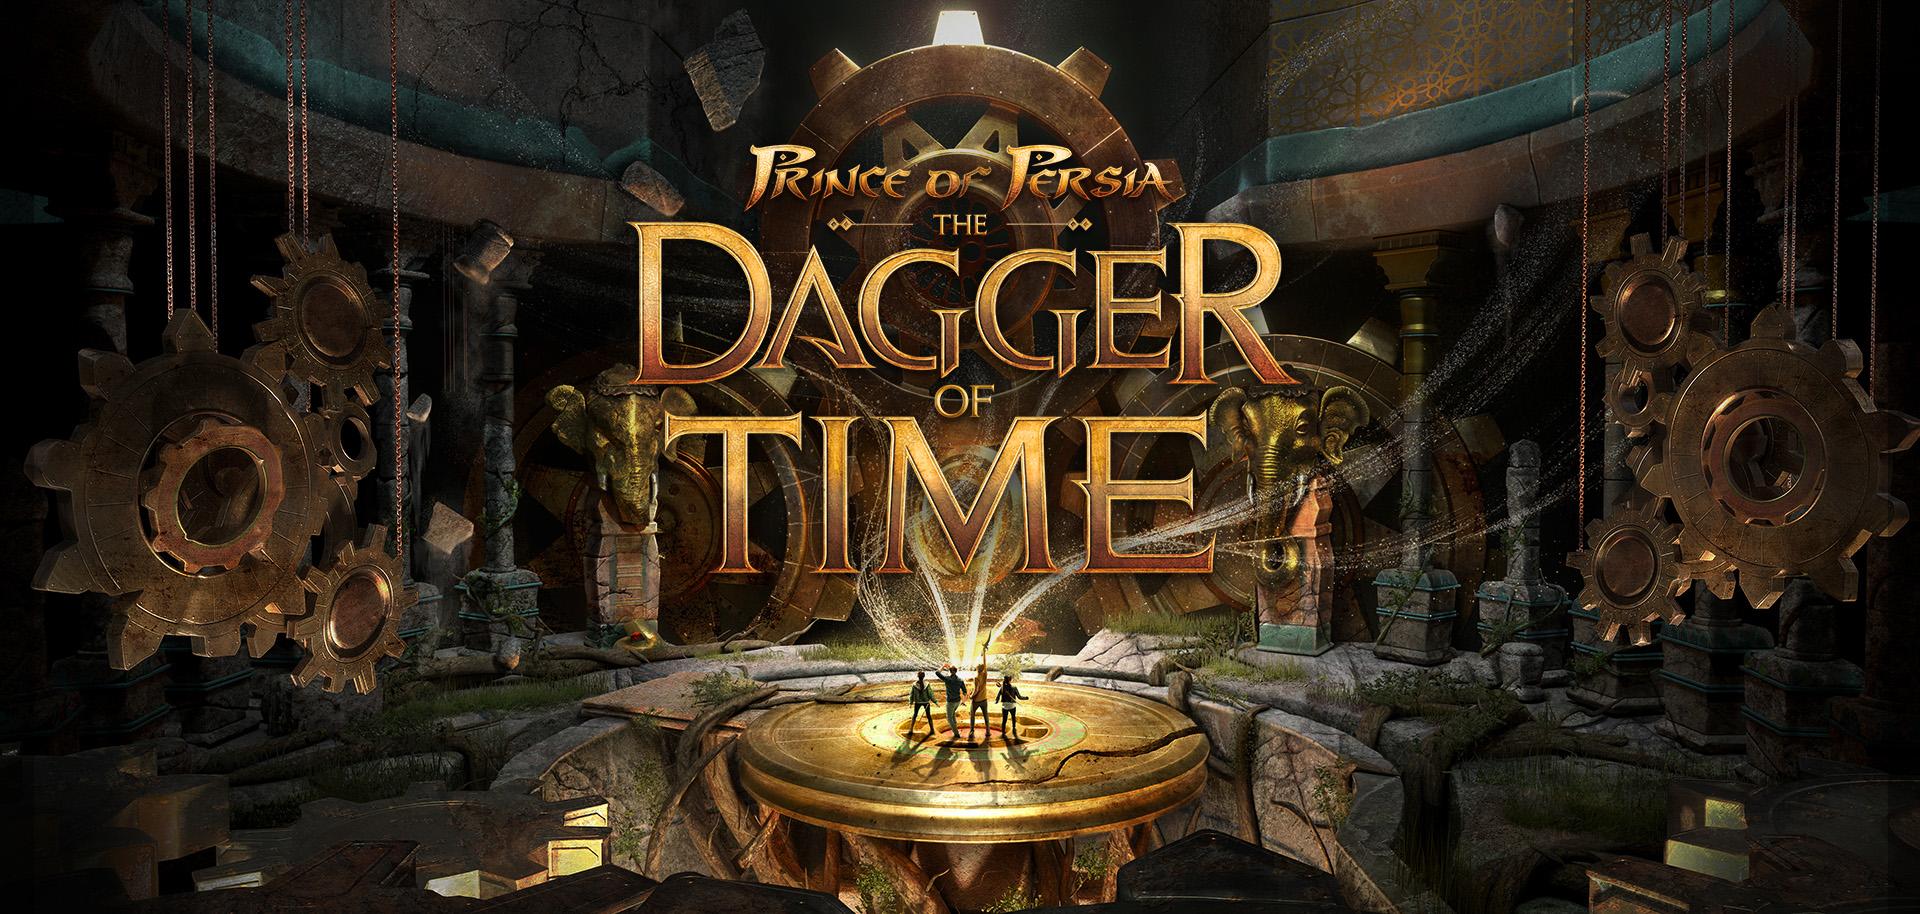 Taroltak a beszámolóink az új Prince of Persia VR szabadulószoba játékról